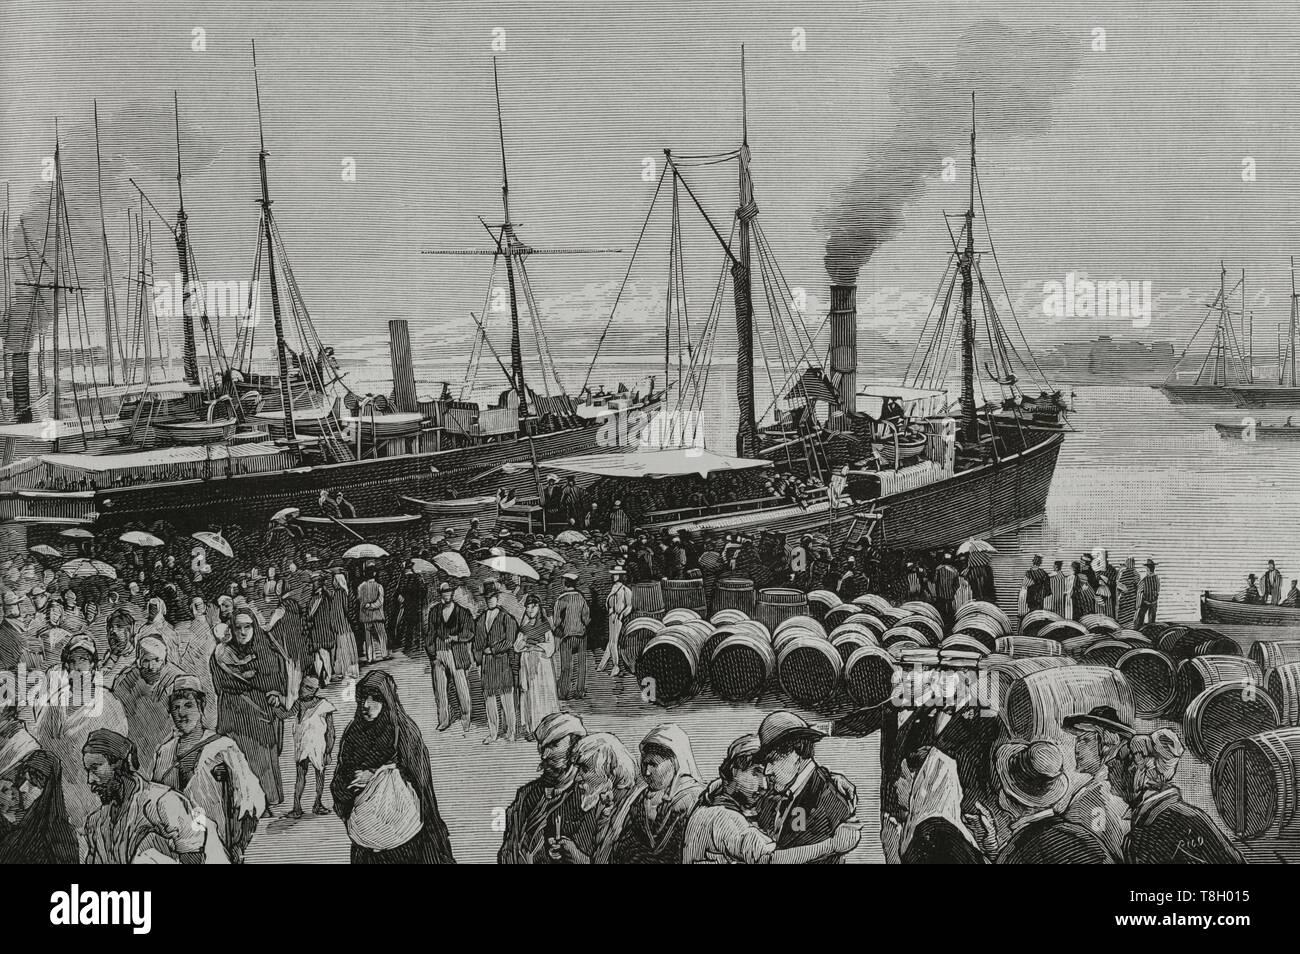 Durante el segundo tercio del siglo XIX muchos españoles fueron como agricultores a hacer fortuna al norte de Argelia. El 22 de junio de 1881 los hombres de Bu-Amena atacaron a los agricultores provocando el pánico entre los emigrantes europeos. Muchos regresaron a sus paises de origen. 9.000 españoles lo hicieron entre el 11 y el 22 de junio de 1881. Vista del puerto de Alicante (España). Desembarque de trabajadores españoles, fugitivos de Orán, repatriados por los vapores 'Besós' y 'Correo de Cartagena'. La Ilustración Española y Americana, 8 de julio de 1881. - Stock Image